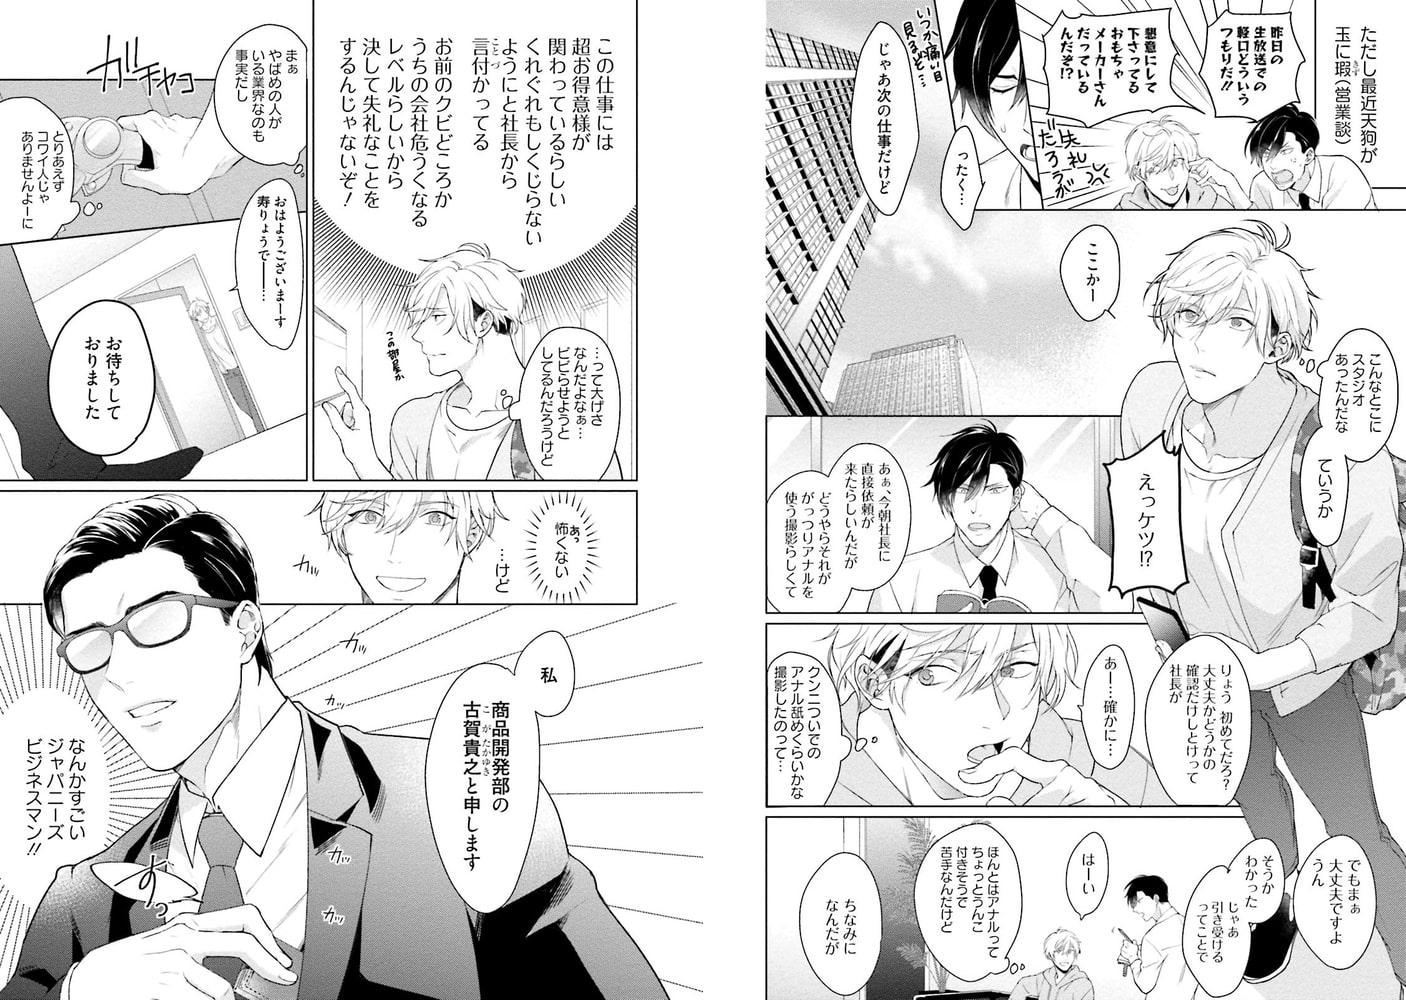 カリスマAV男優の俺がおもちゃなんかでイくわけない!!!【電子限定特典付き】